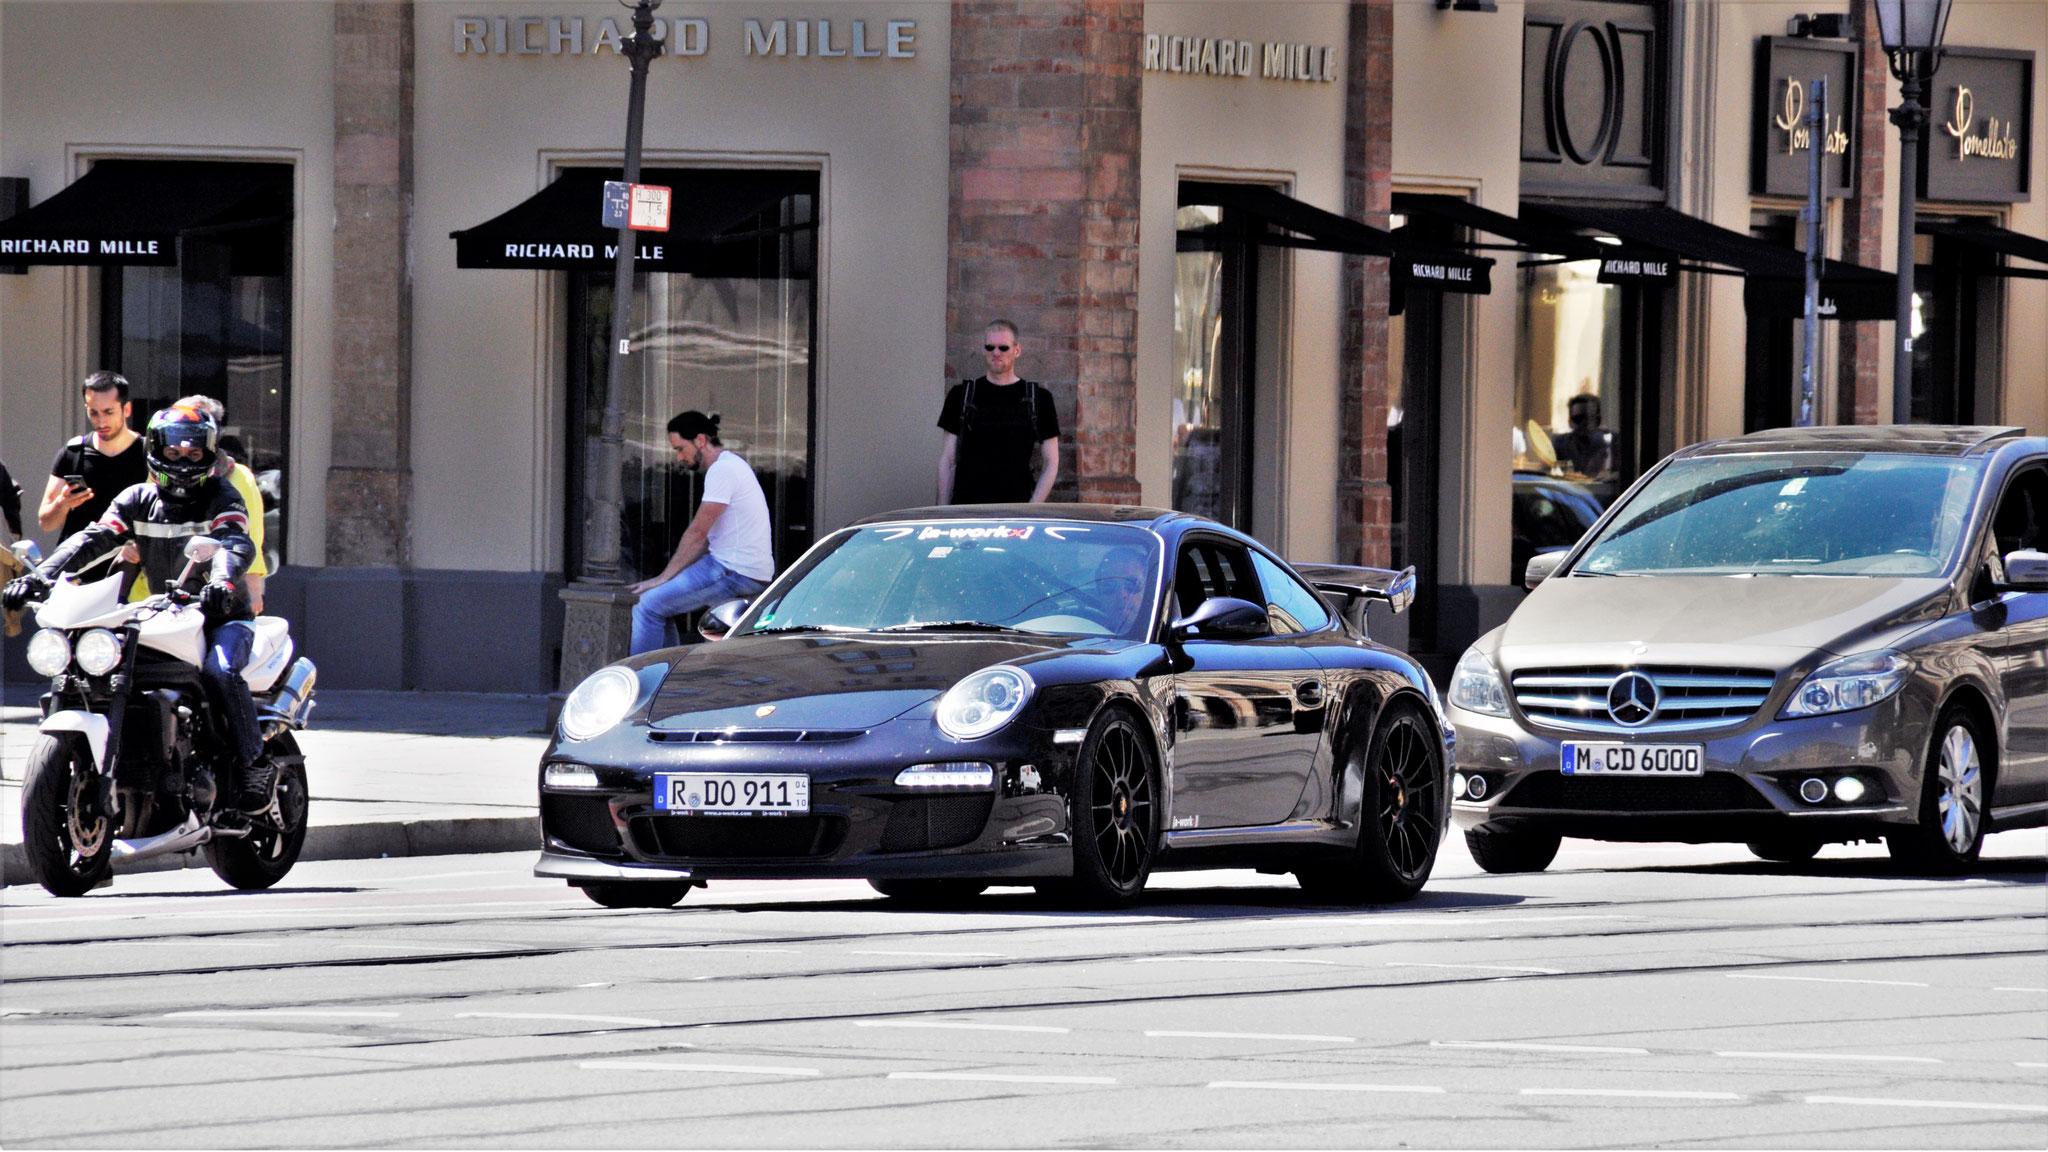 Porsche GT3 997 - R-DO-911